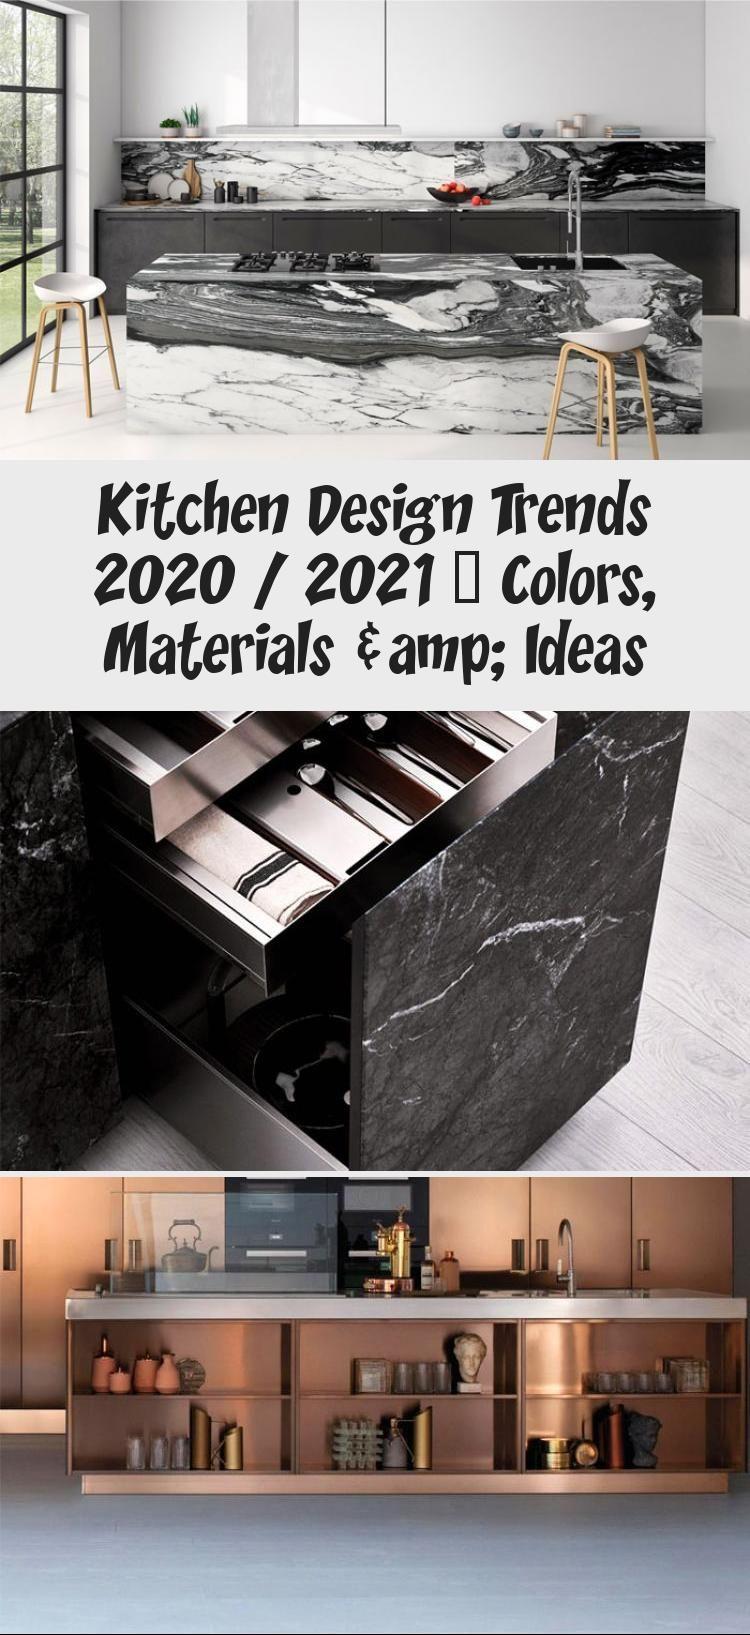 Kitchen Design Trends 2020 2021 Colors Materials Ideas Interiorzine Minimalistkitchensink Minimal In 2020 Kitchen Design Trends Kitchen Design Design Trends